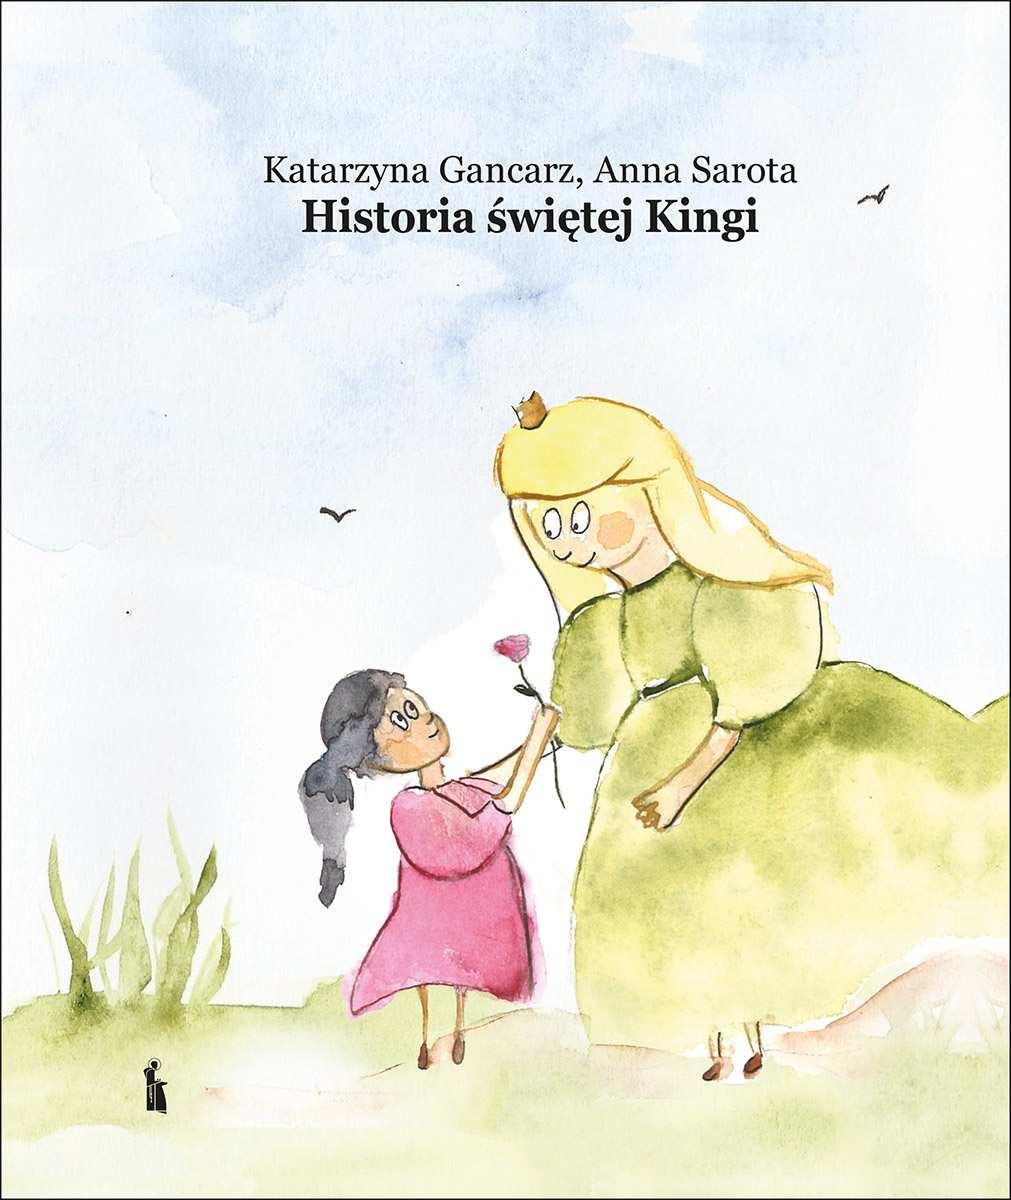 Historia świętej Kingi - fascynująca wierszowana opowieść dla dzieci